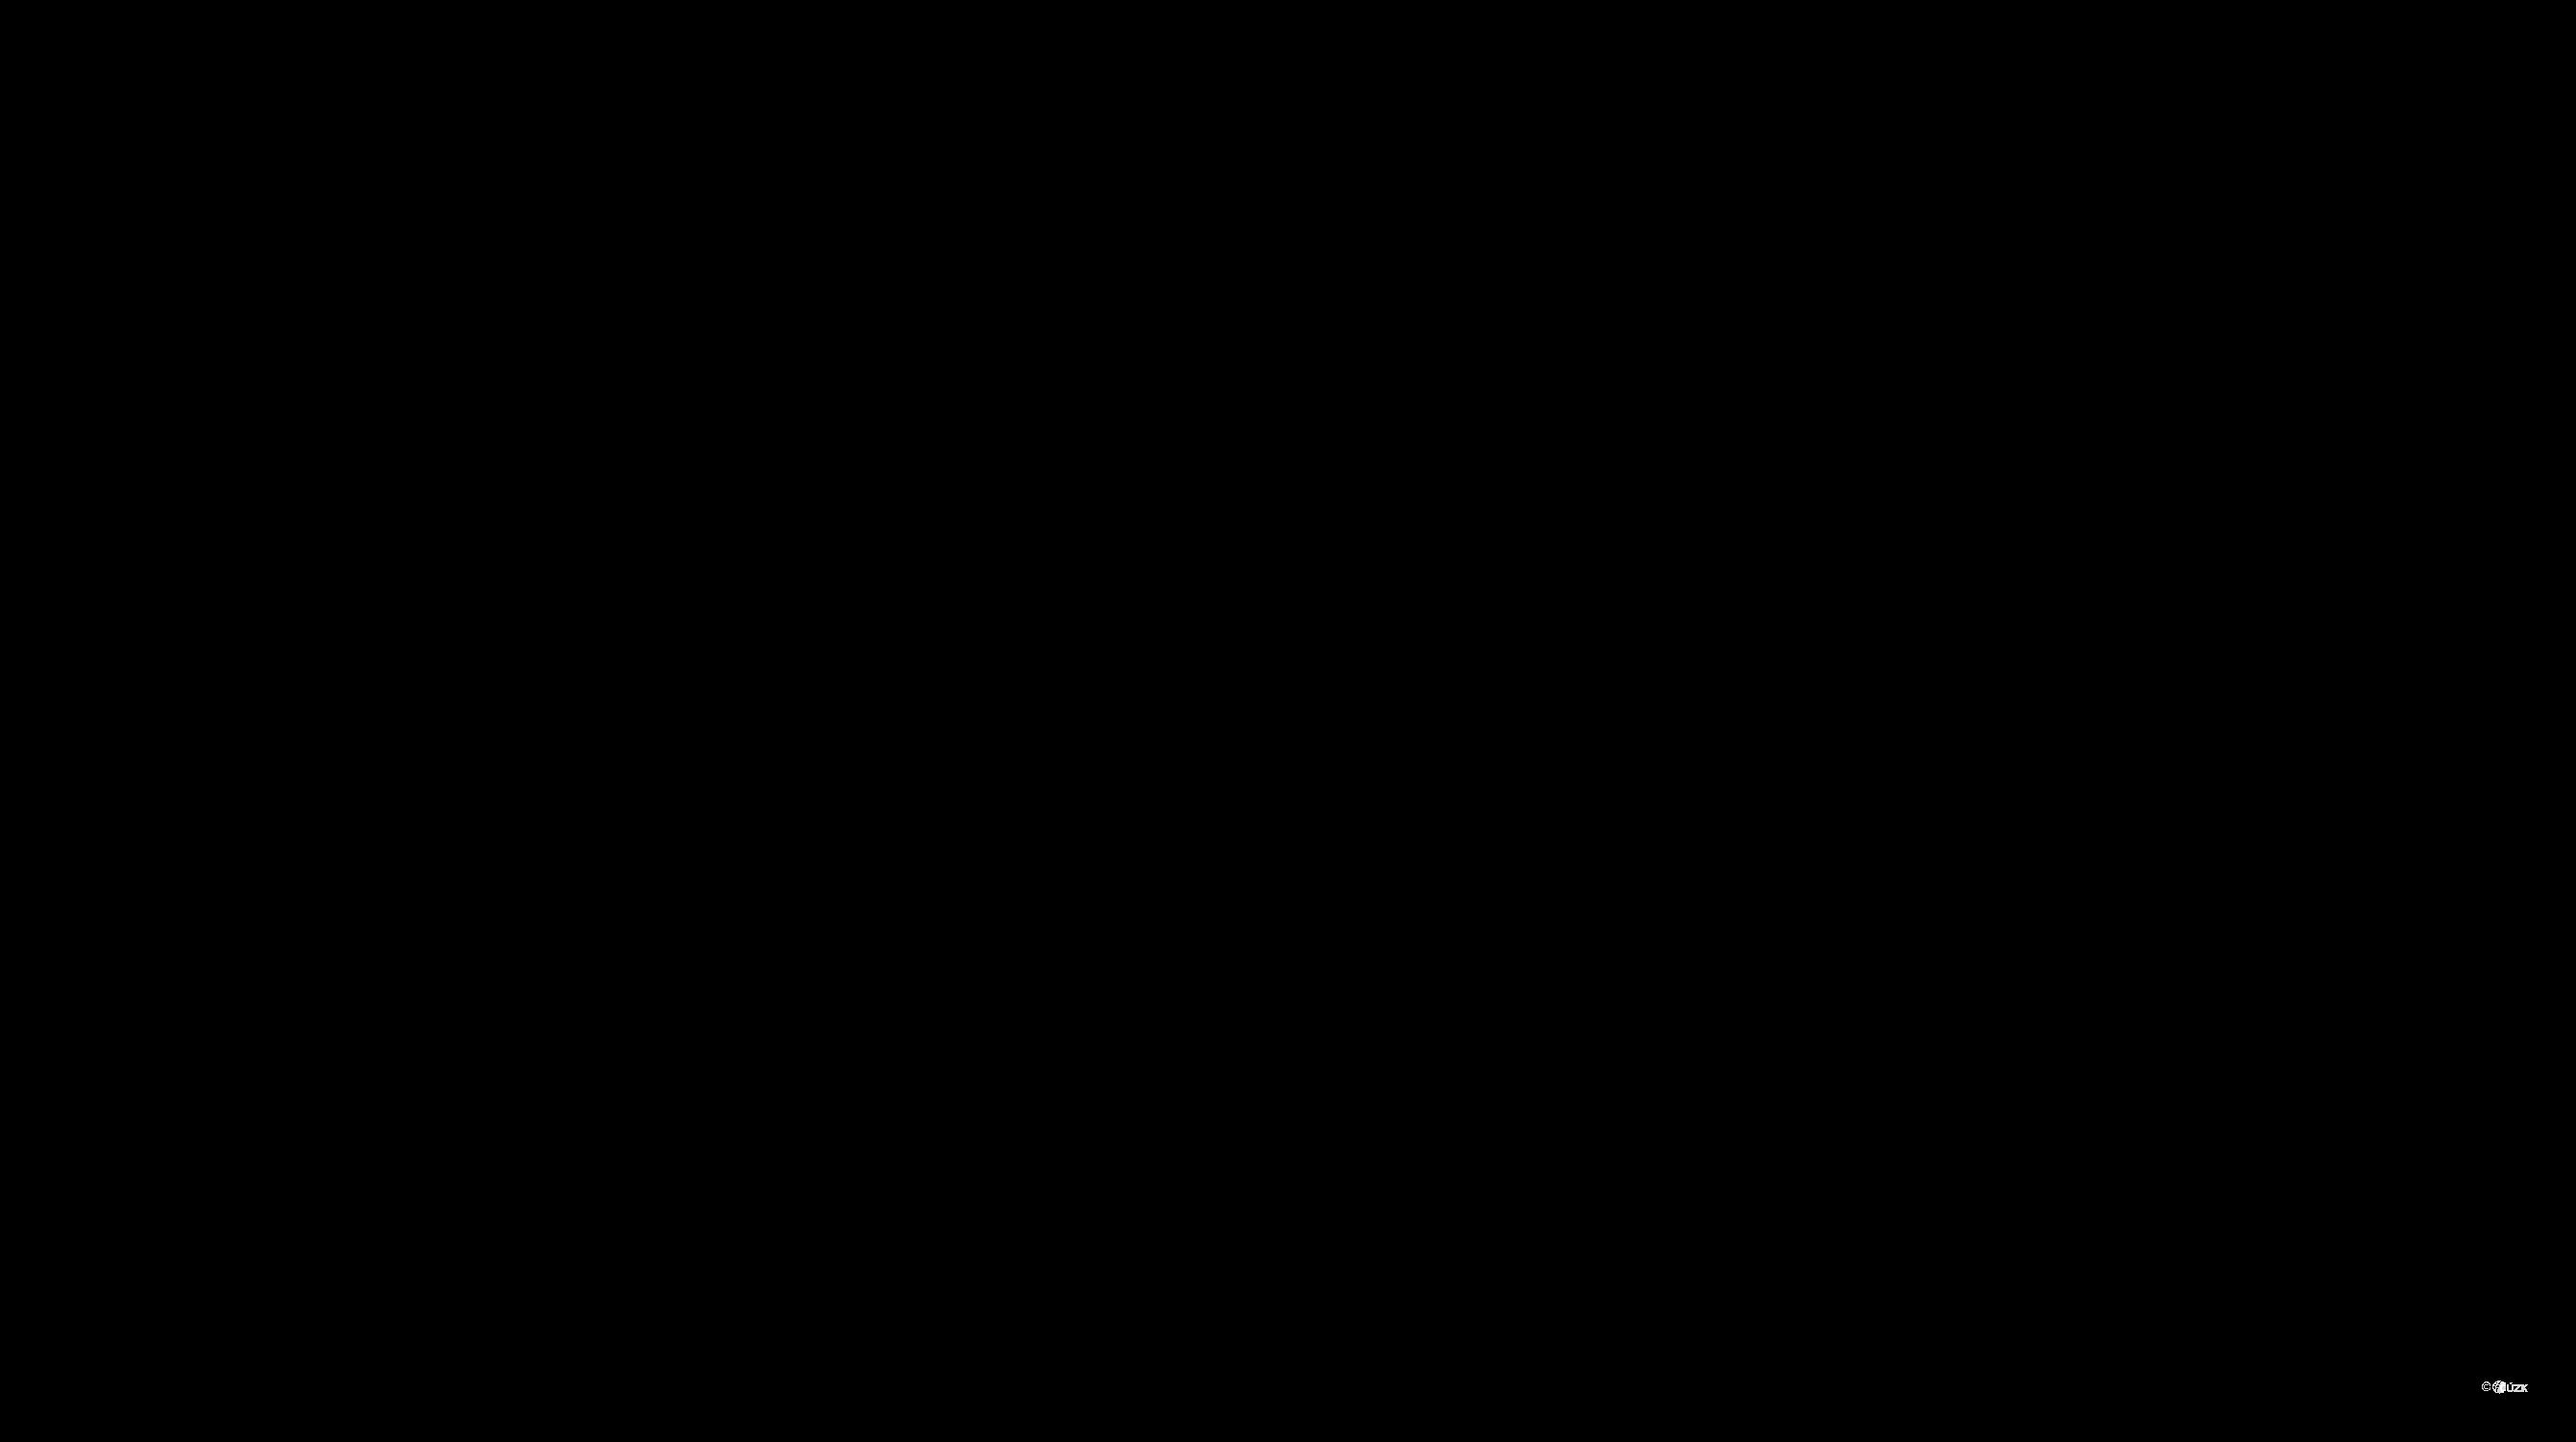 Katastrální mapa pozemků a čísla parcel Třeboň